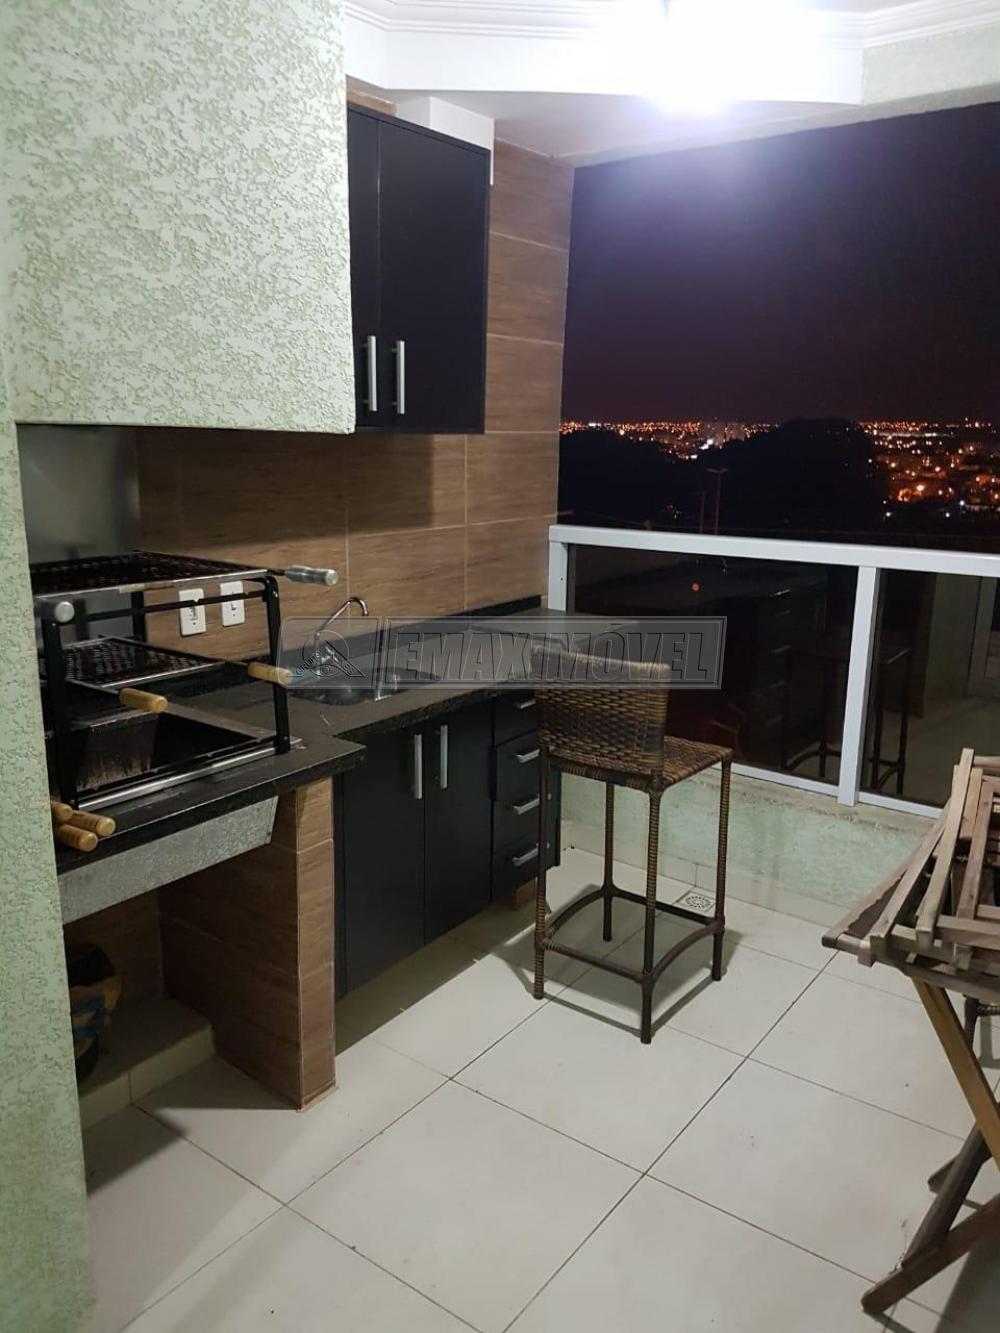 Comprar Apartamentos / Apto Padrão em Sorocaba apenas R$ 315.000,00 - Foto 10